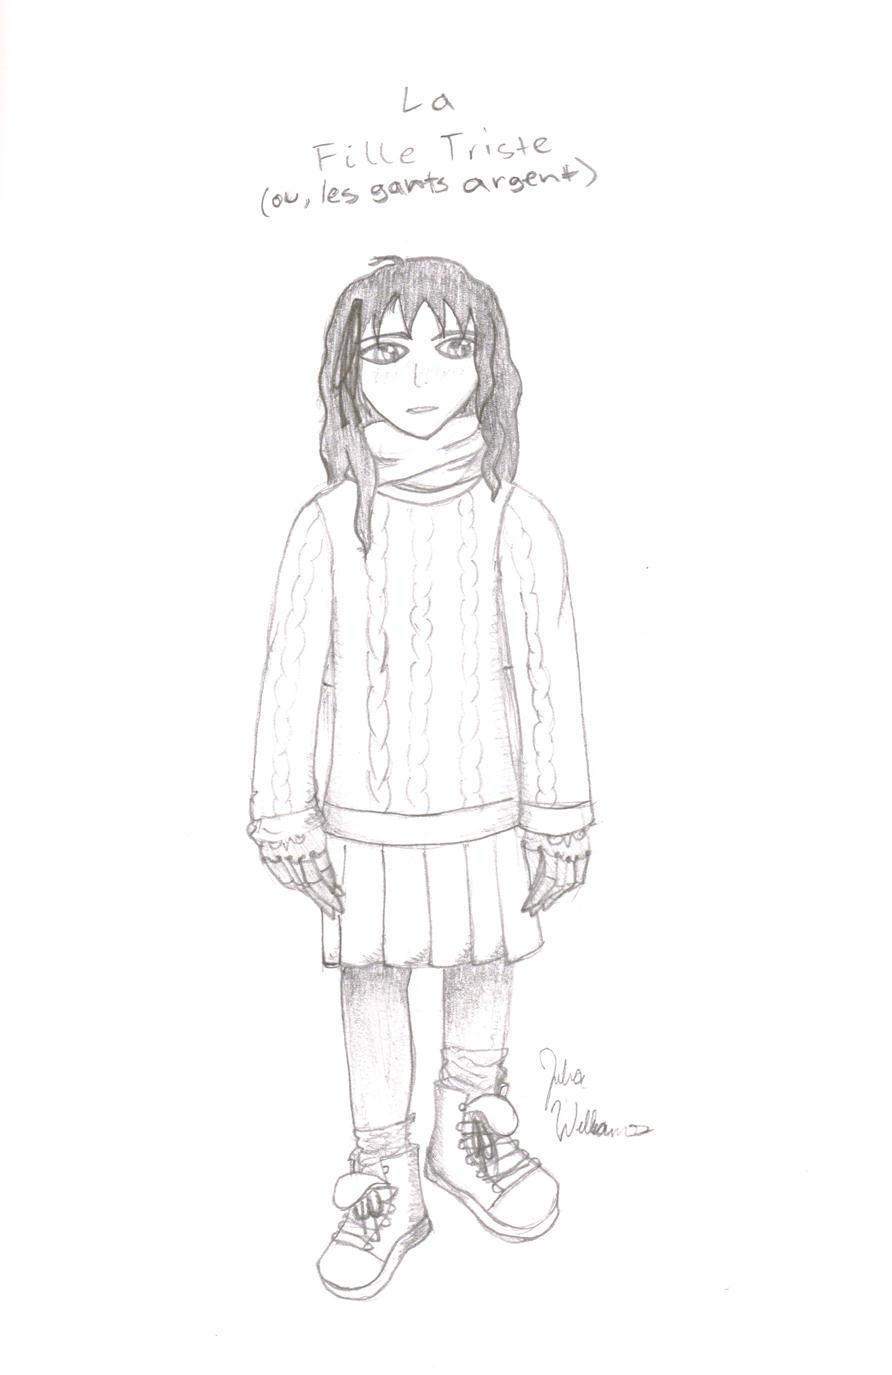 La fille triste by bijoux01 on deviantart - Image manga fille triste ...